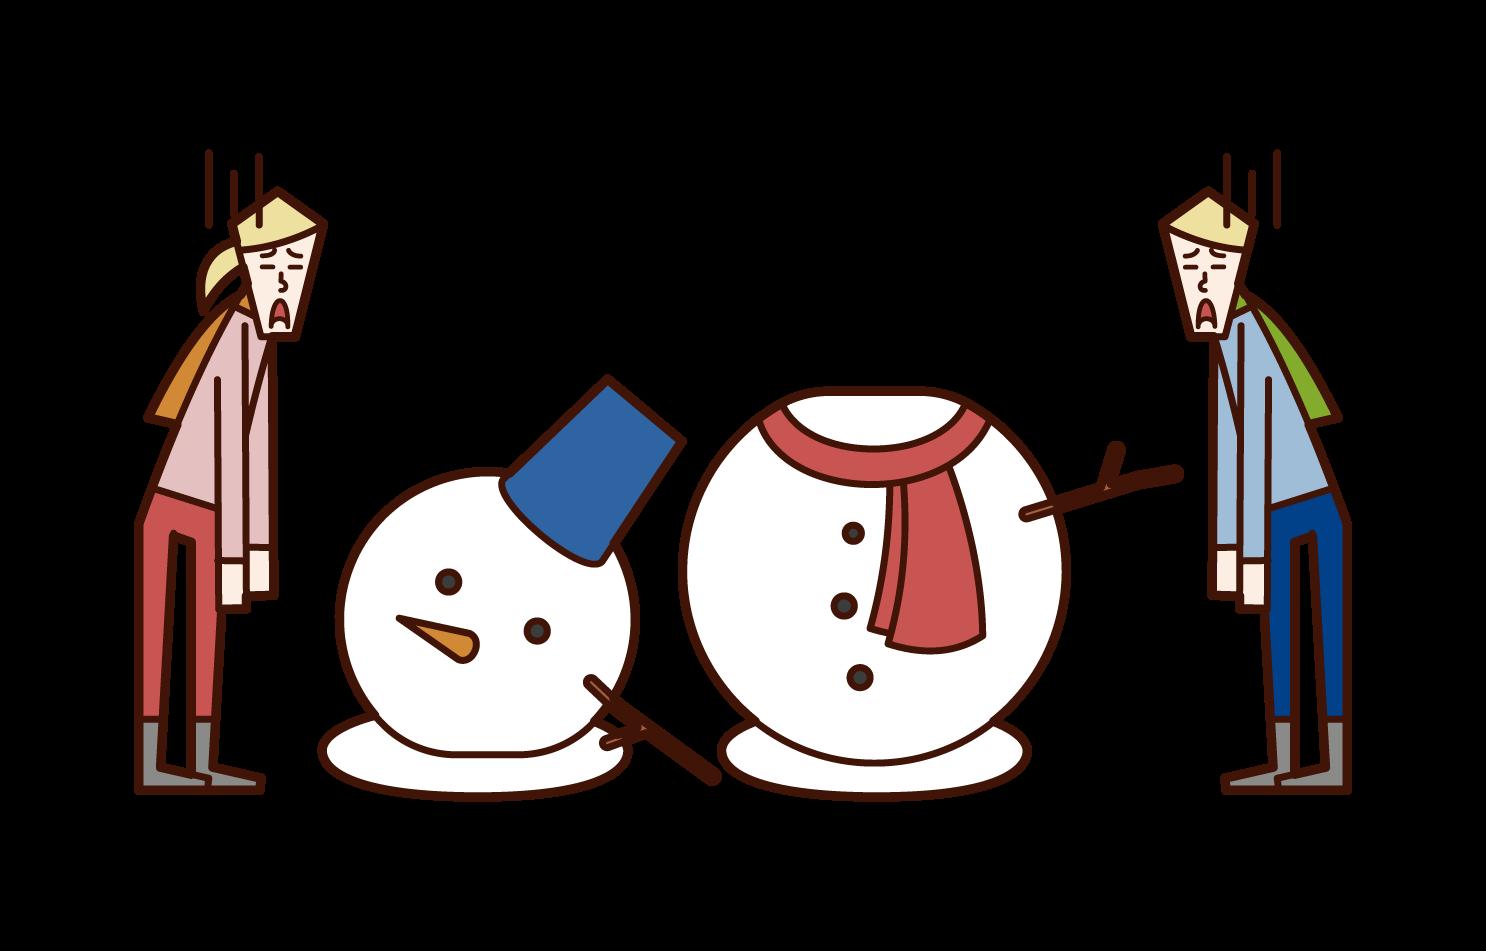 雪だるまが崩れて残念がる子供たちのイラスト